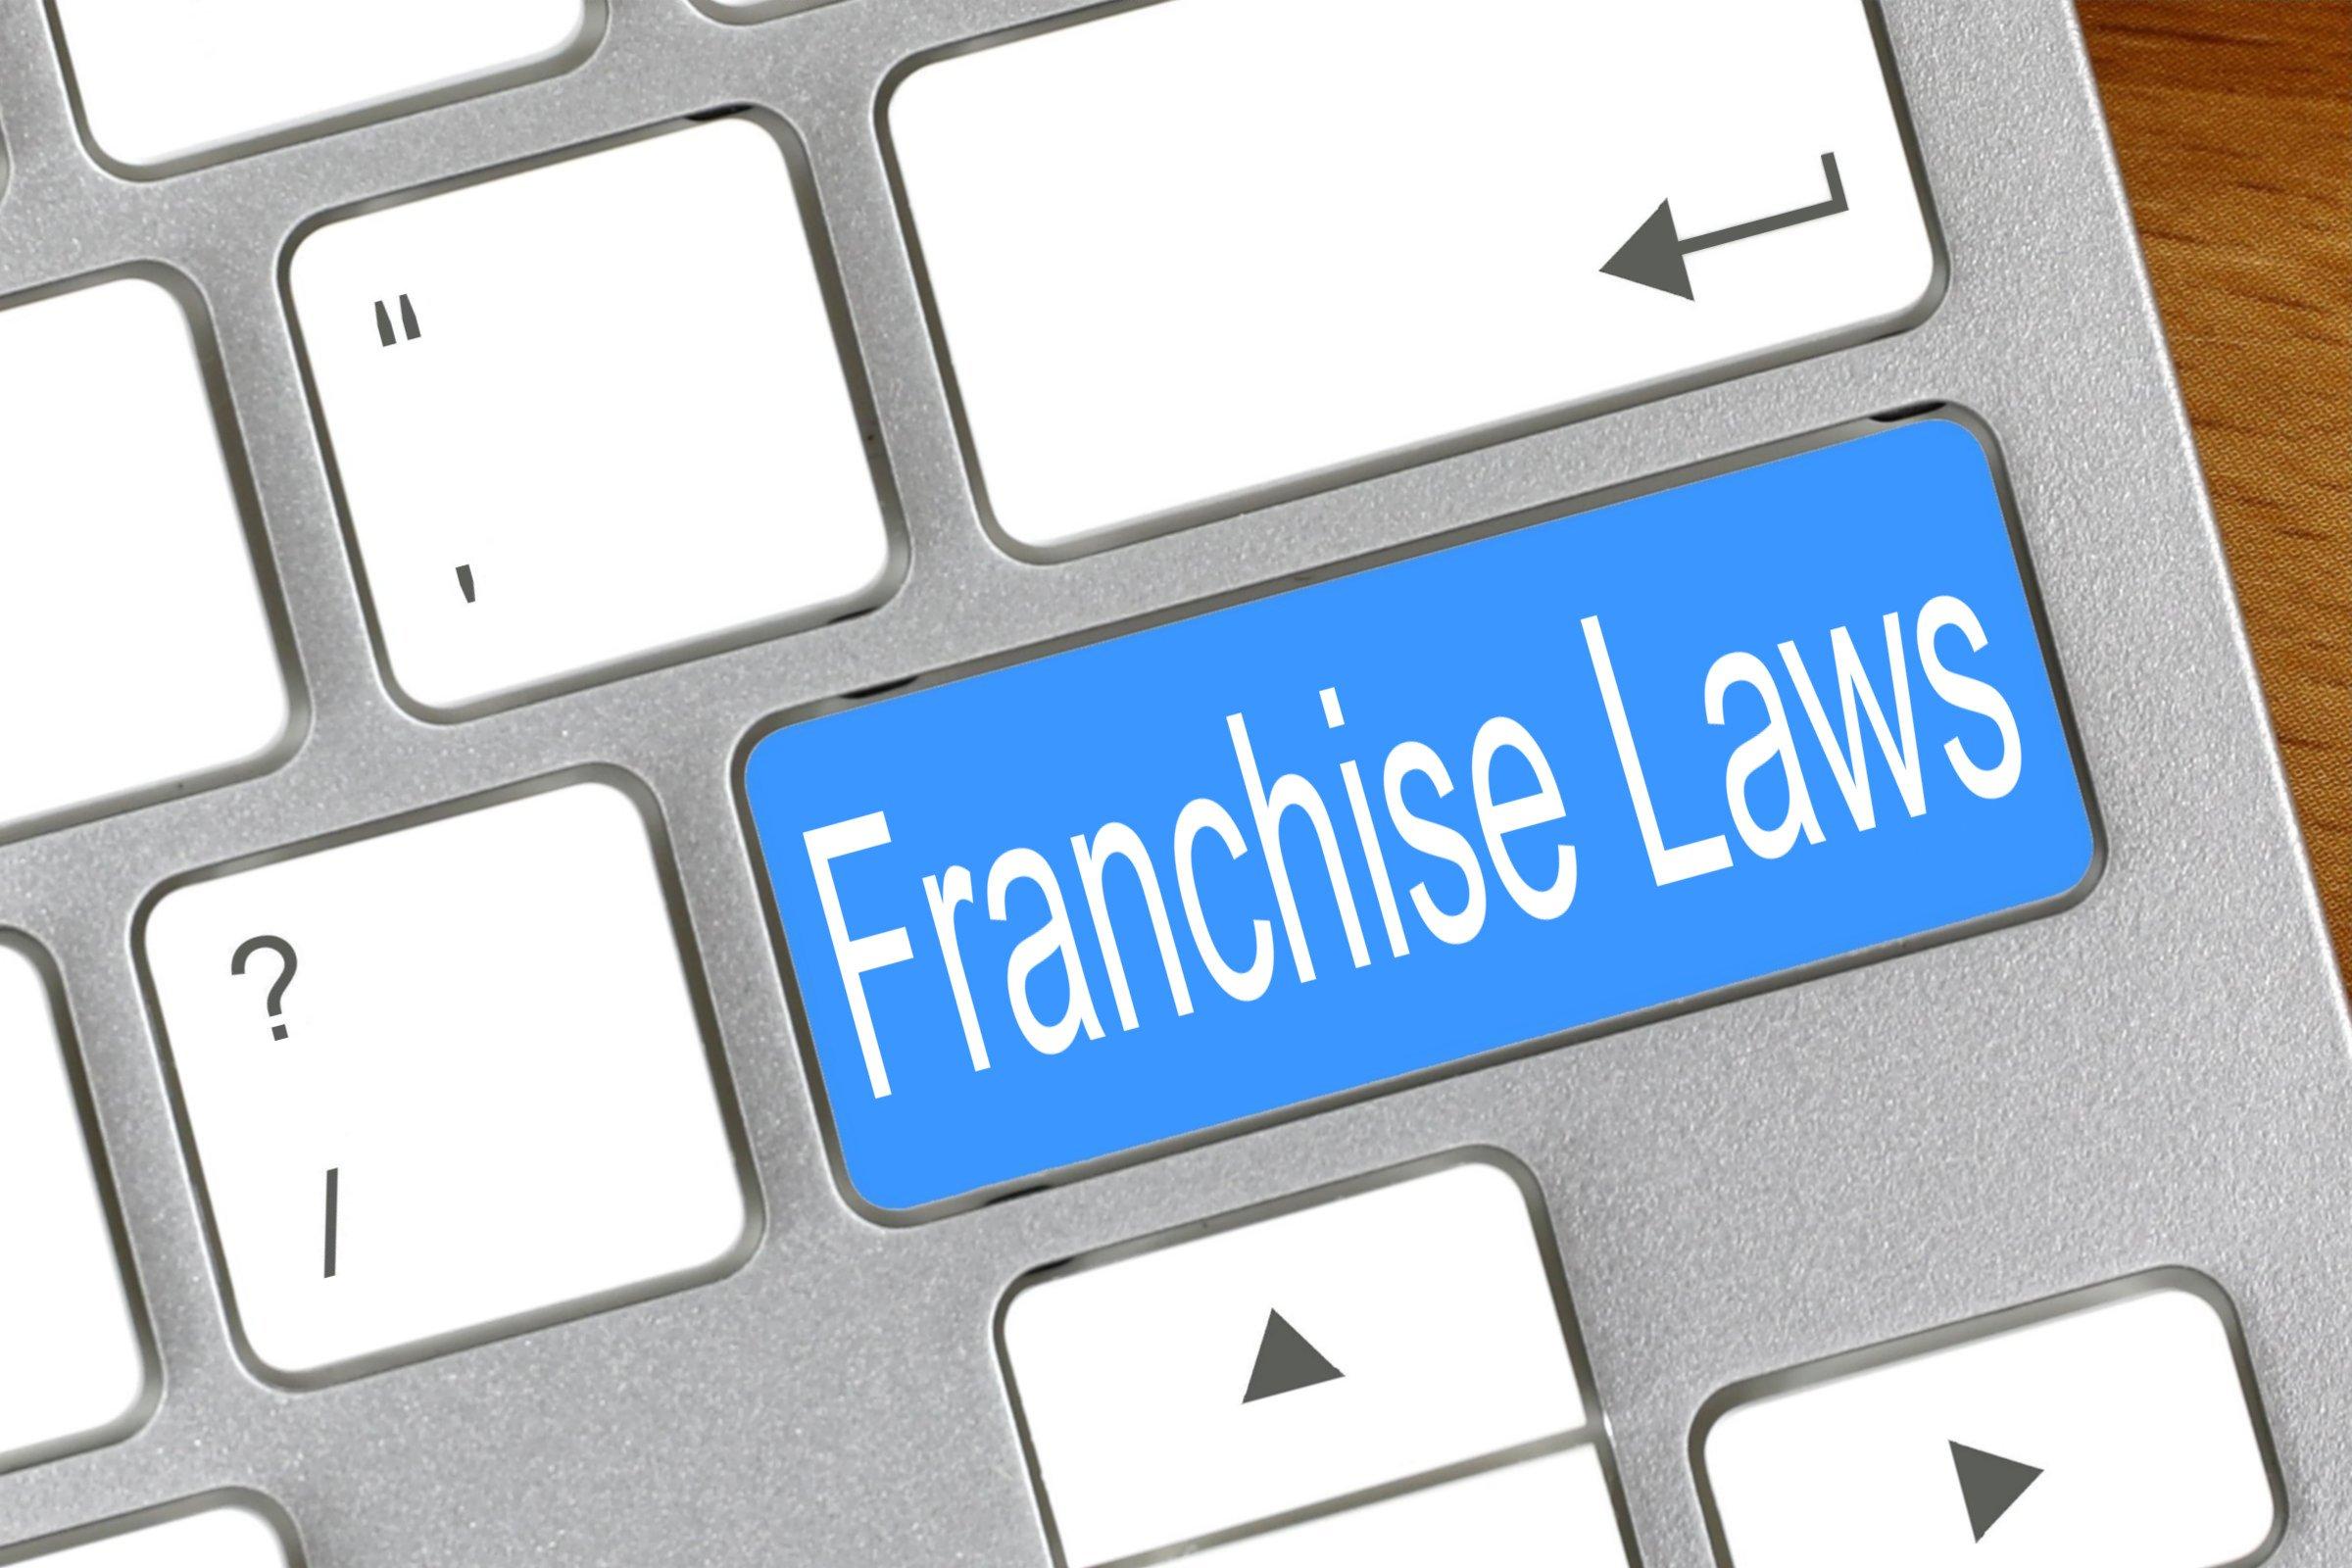 Franchise Laws